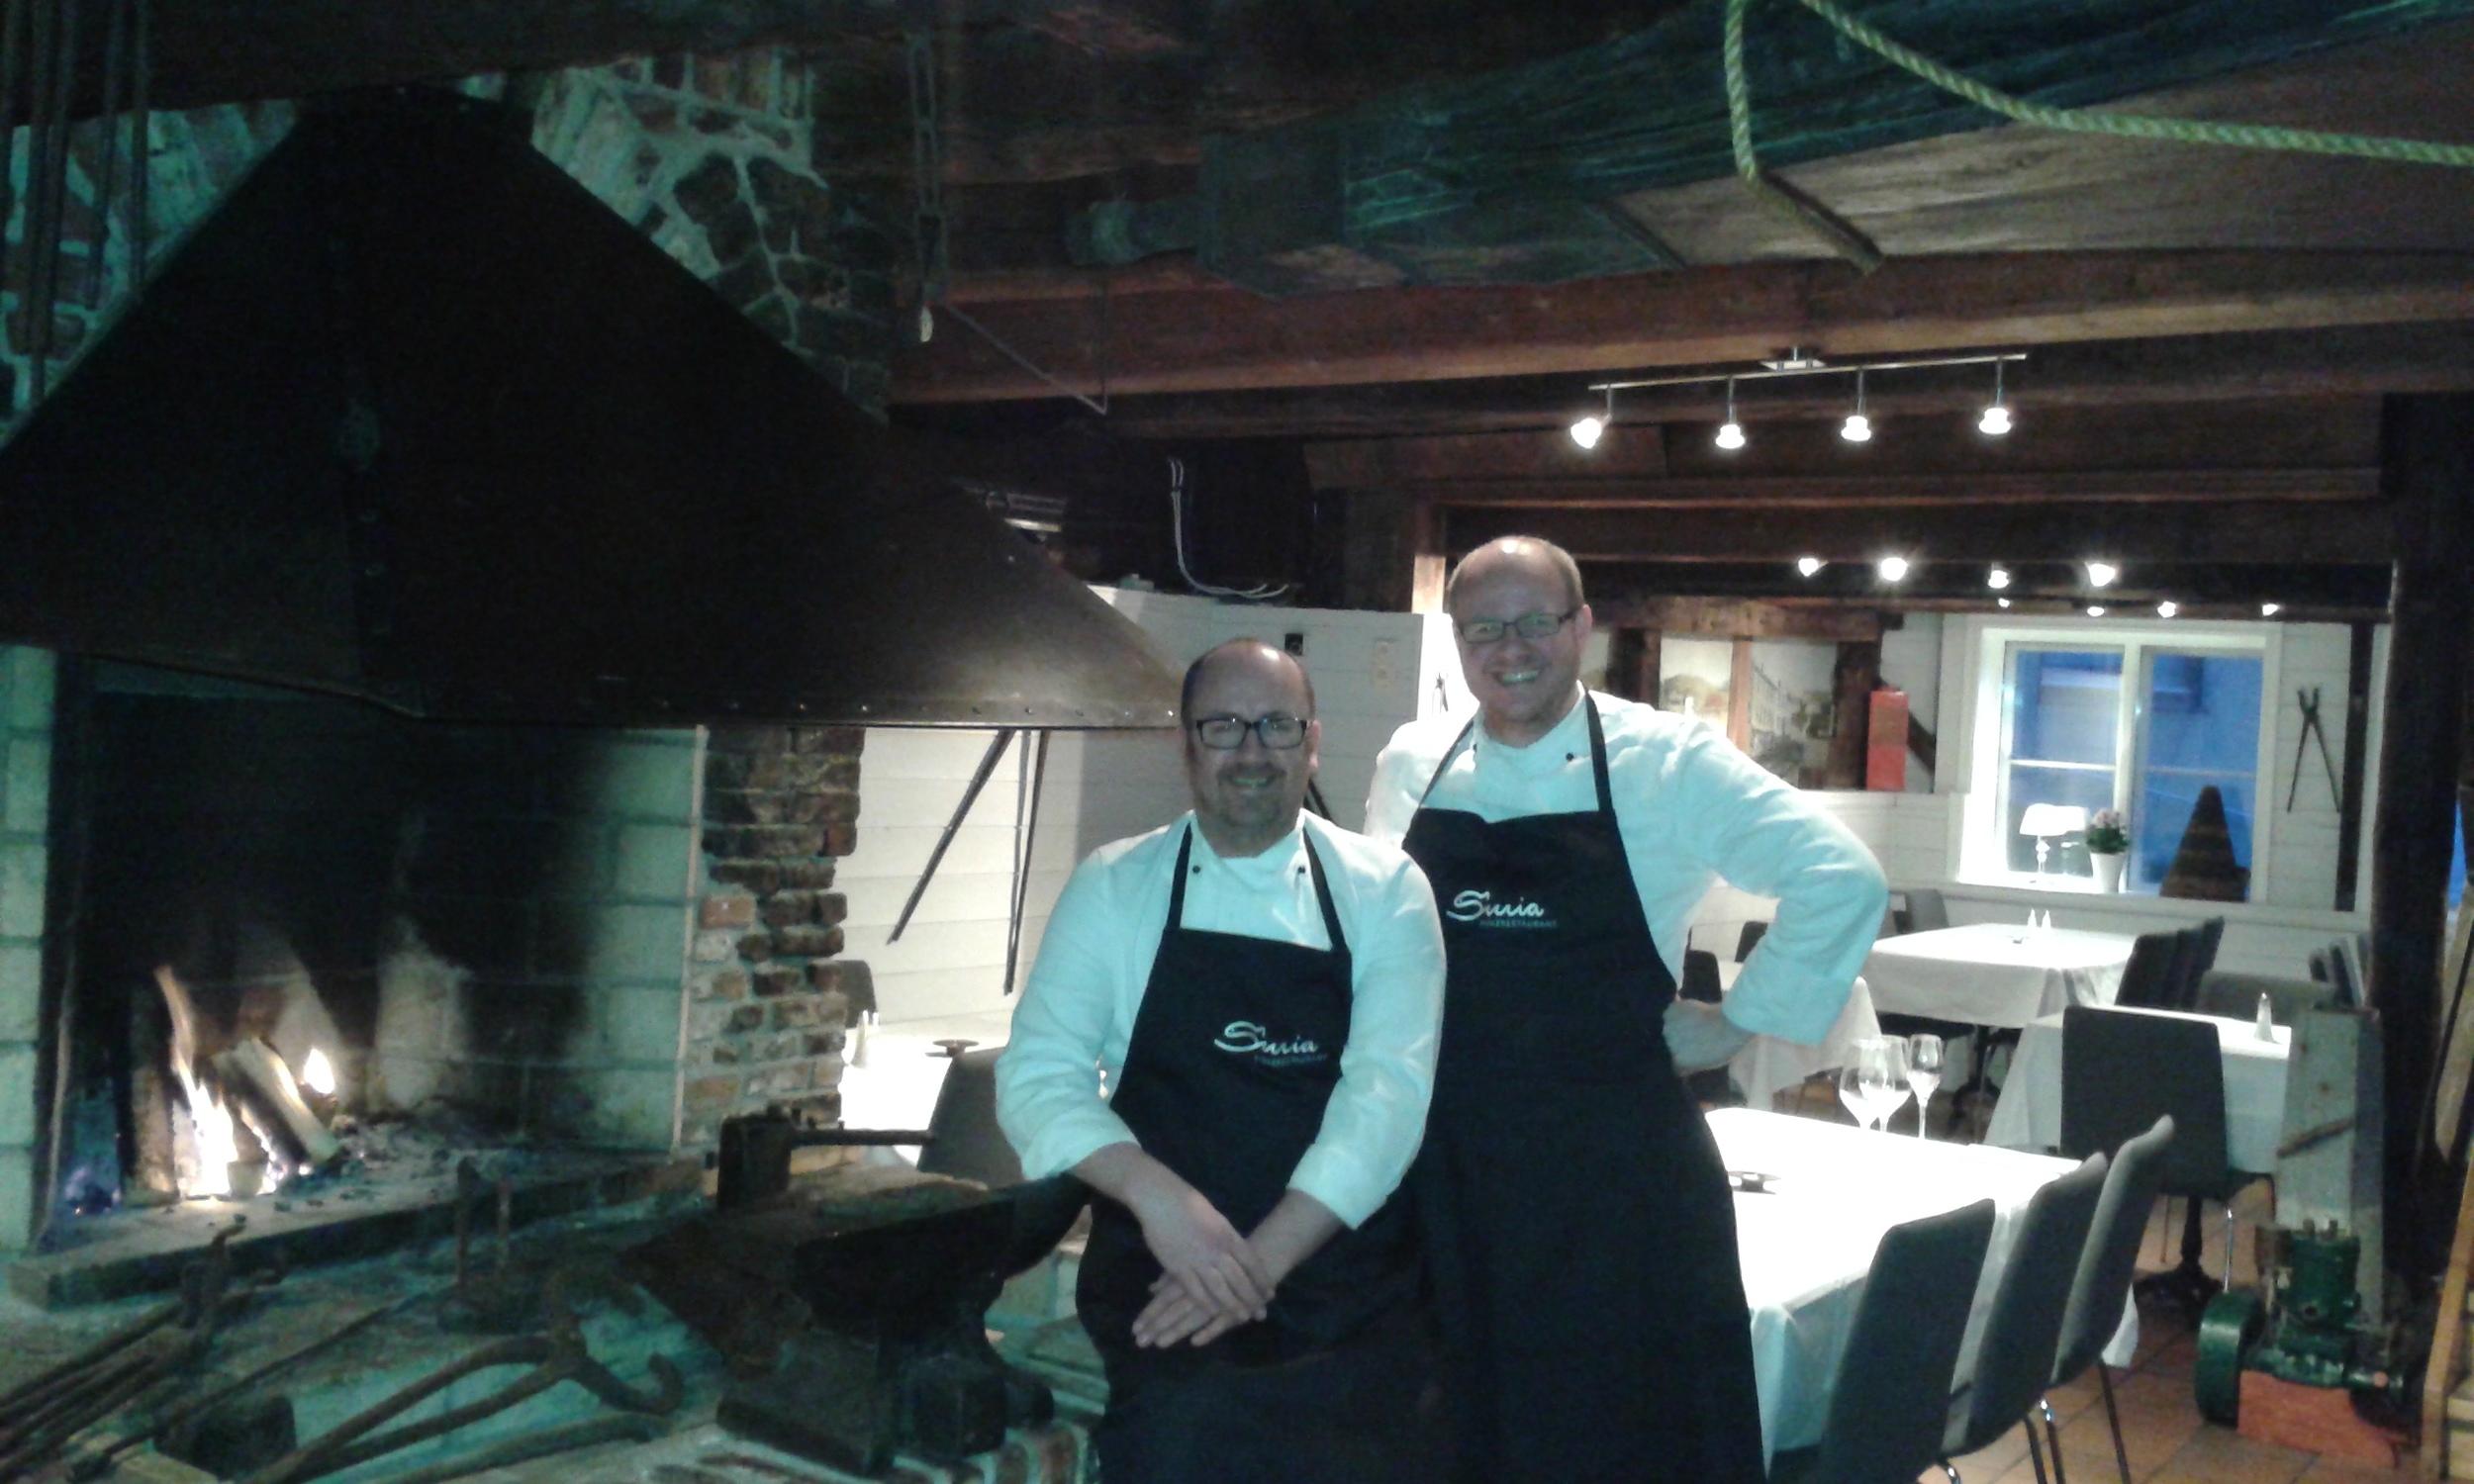 Olav Kåre Jørgensen og Stian Røsand er klare for nye oppgaver. Denne gangern som matsmeder. Foto: Privat